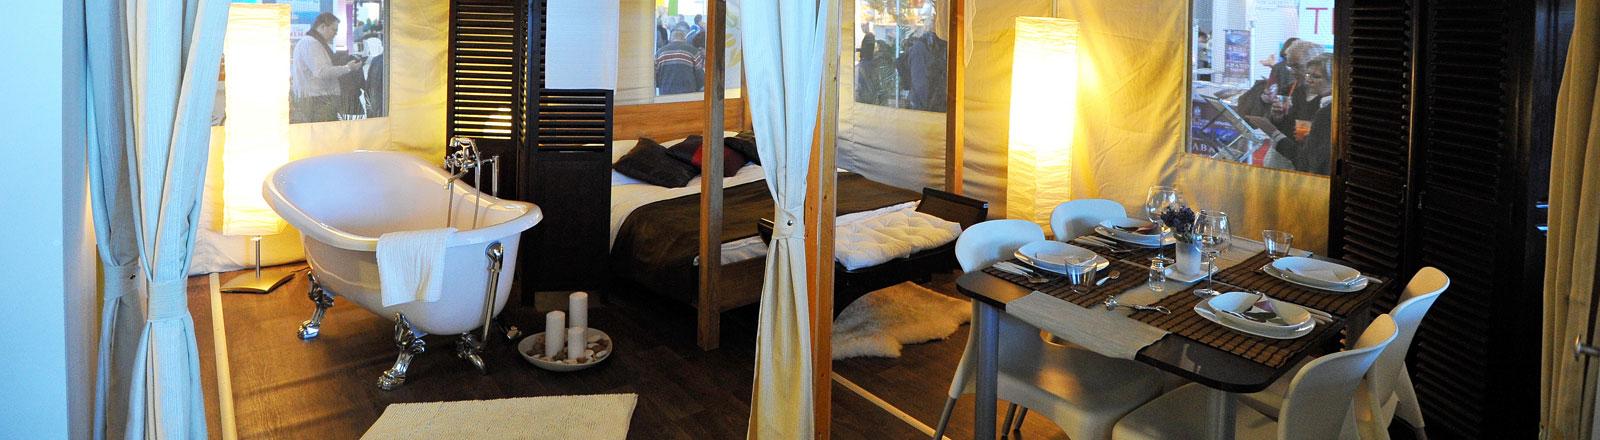 Ein Luxuszelt mit Badewanne und Himmelbett, das über die Reisefirma Vacanoeselect gebucht werden kann, ist auf der Reisemesse CMT in den Hallen der Messe Stuttgart ausgestellt